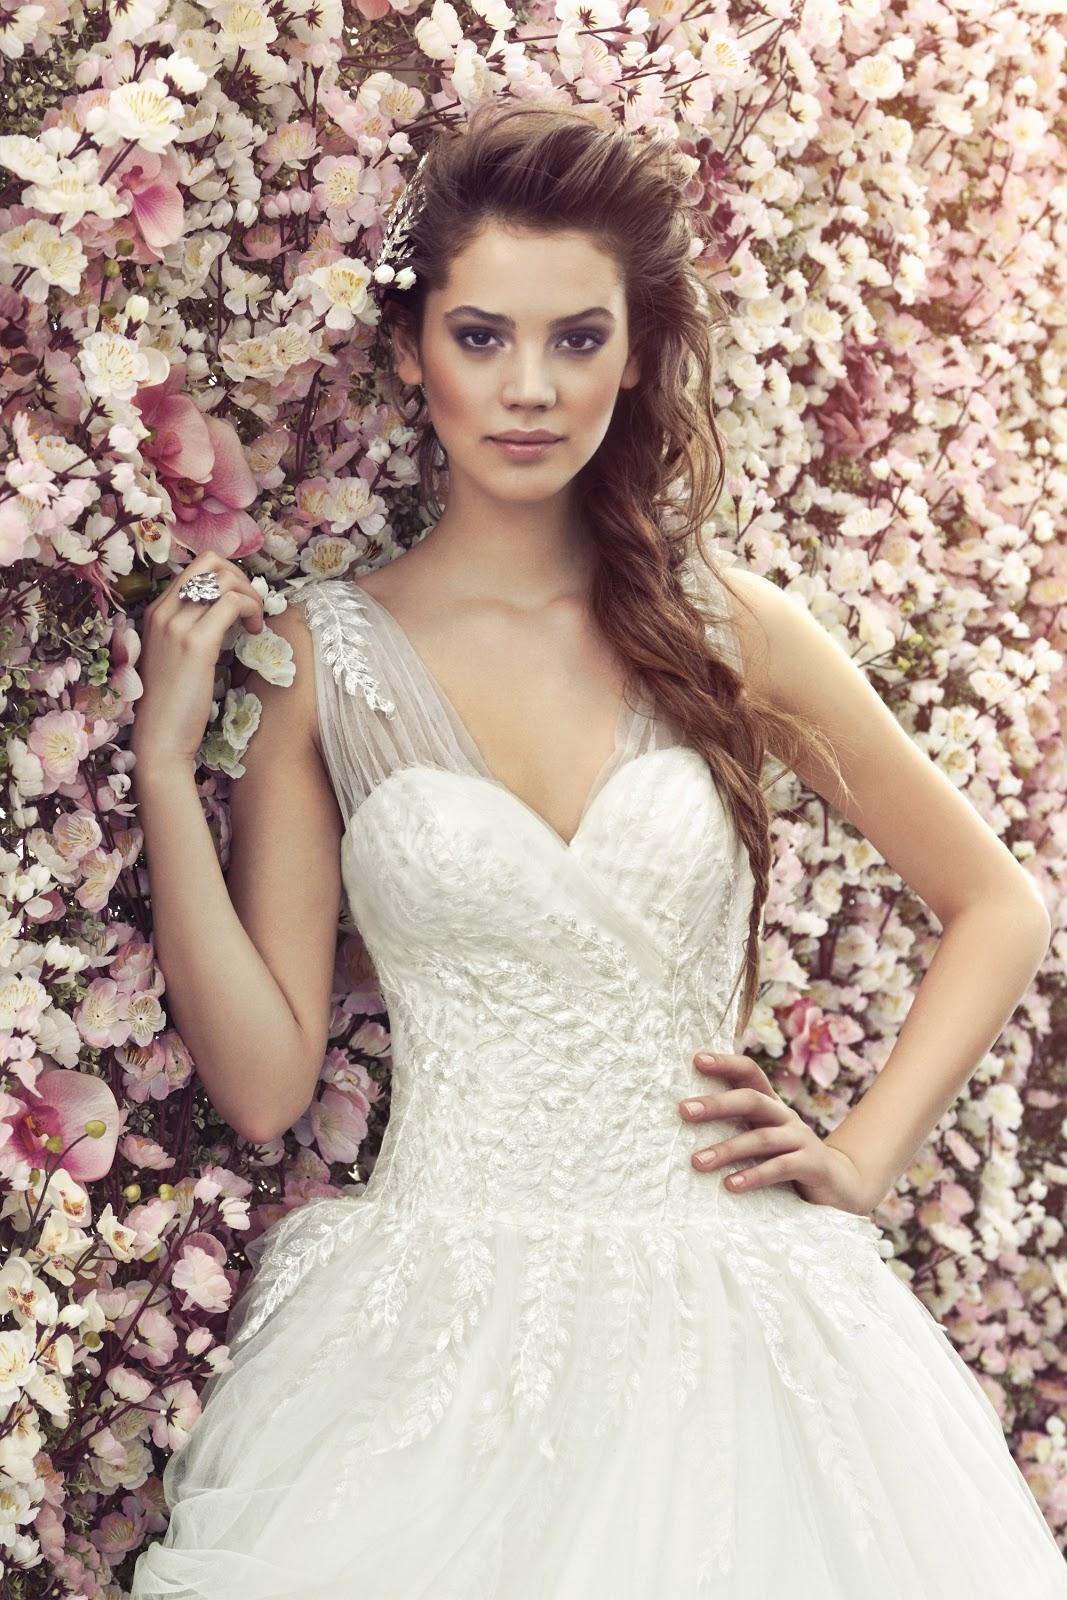 ❧ Farrah Furtado Couture ❧: Spring Wedding Gowns